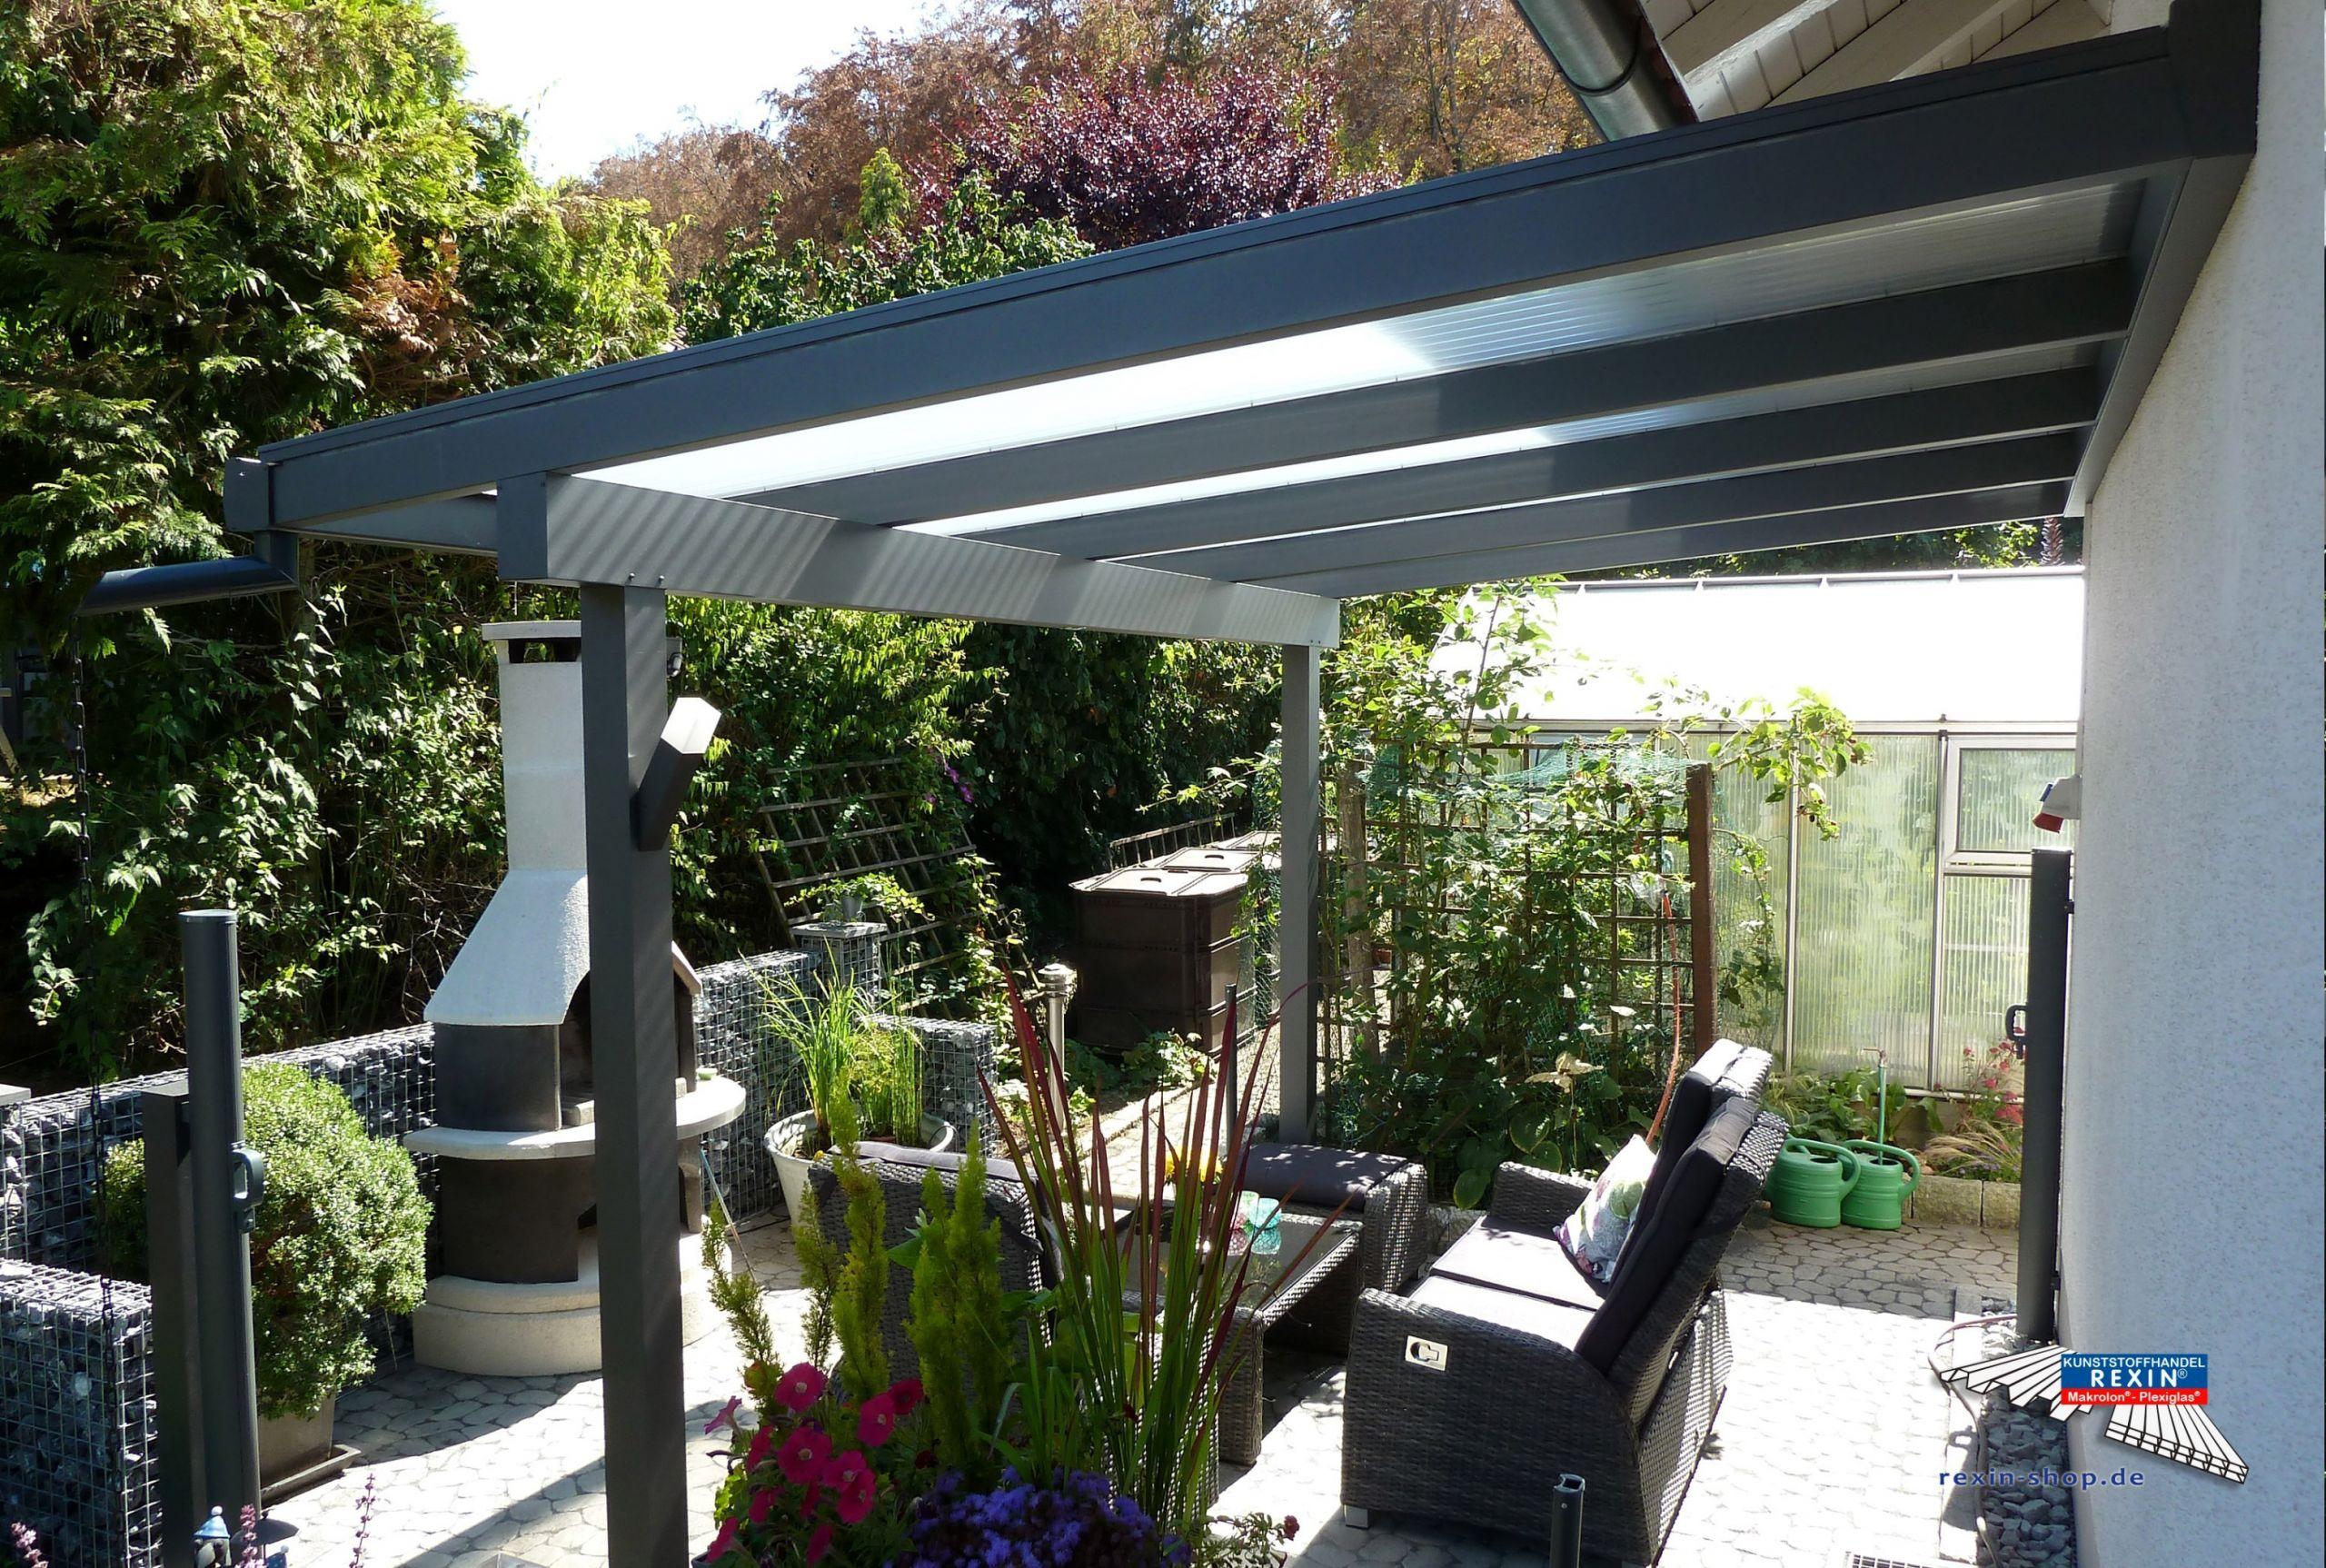 meuble pour terrasse mobilier pour veranda meubler une veranda beau meuble veranda unique of meuble pour terrasse